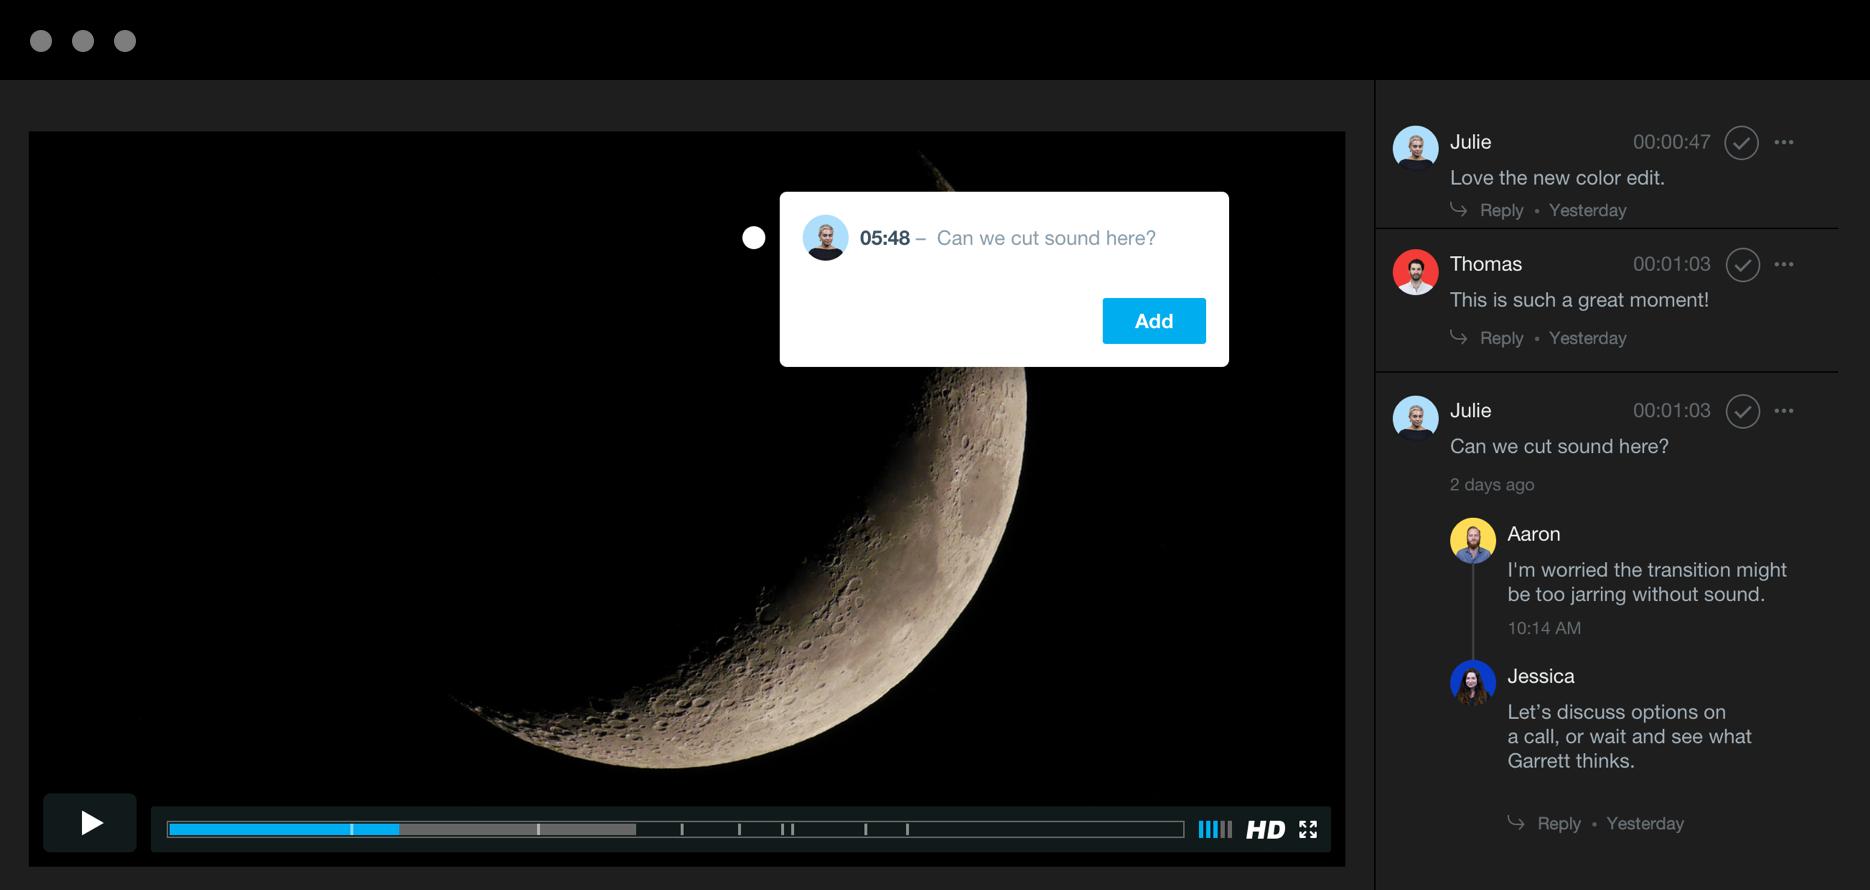 """Alguien dejando una anotación con código de tiempo que diga """"¿Podemos quitar el audio aquí?"""" en una página de revisión que muestra un video de la luna y un panel en el lado izquierdo de la pantalla que tenga anotaciones y respuestas que hayan dejado otros críticos."""